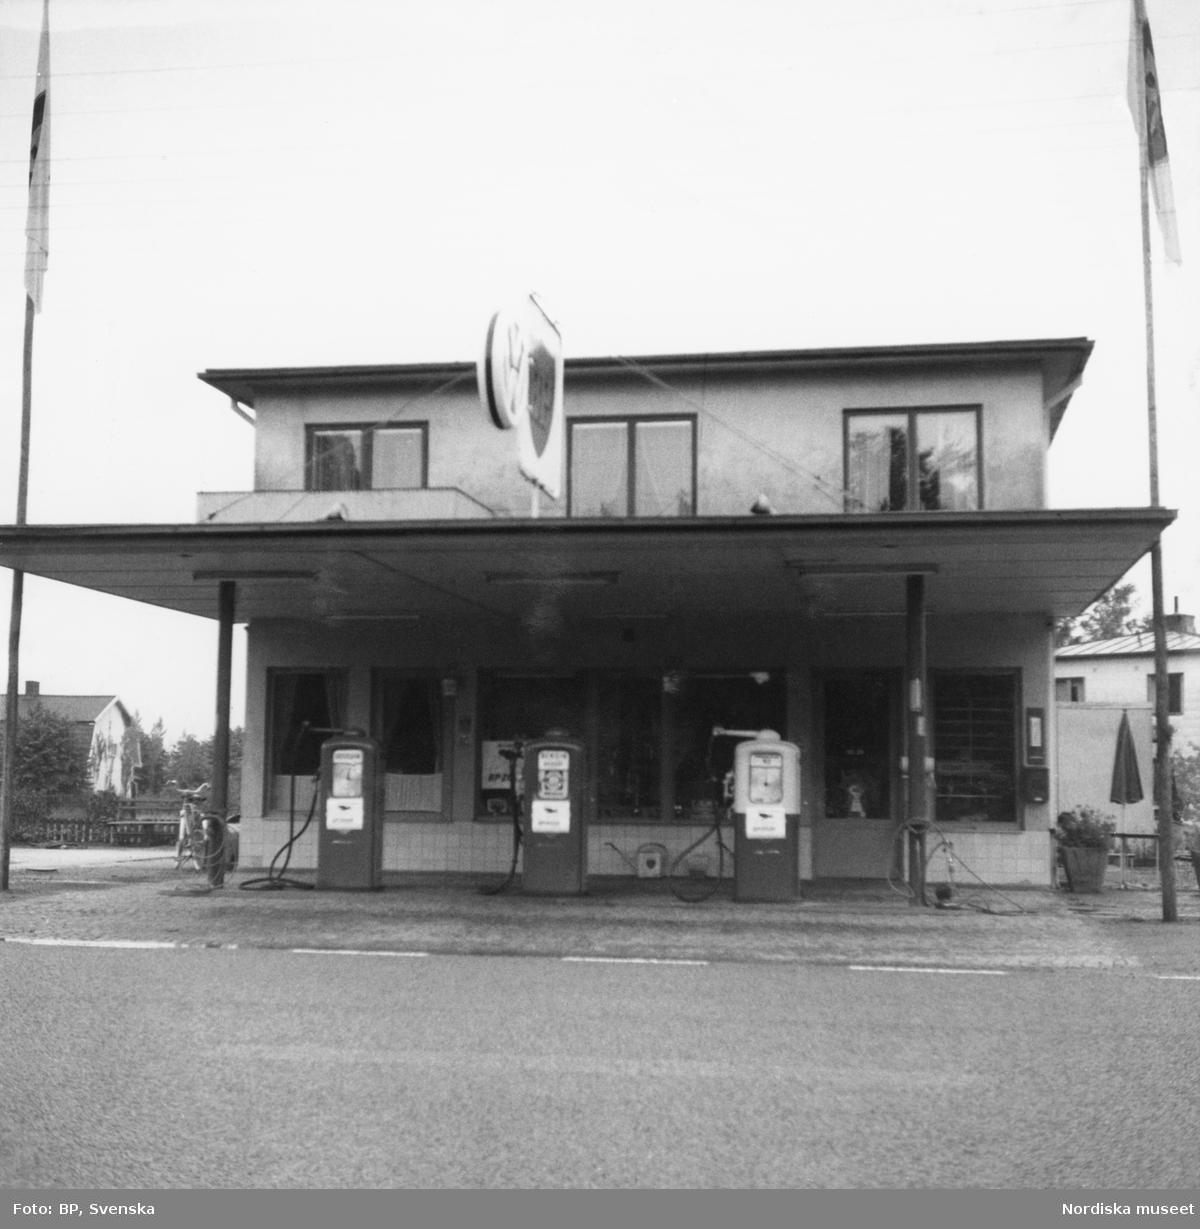 BP:s bensinstation på Helsingborgsvägen, Klippan, Skåne.